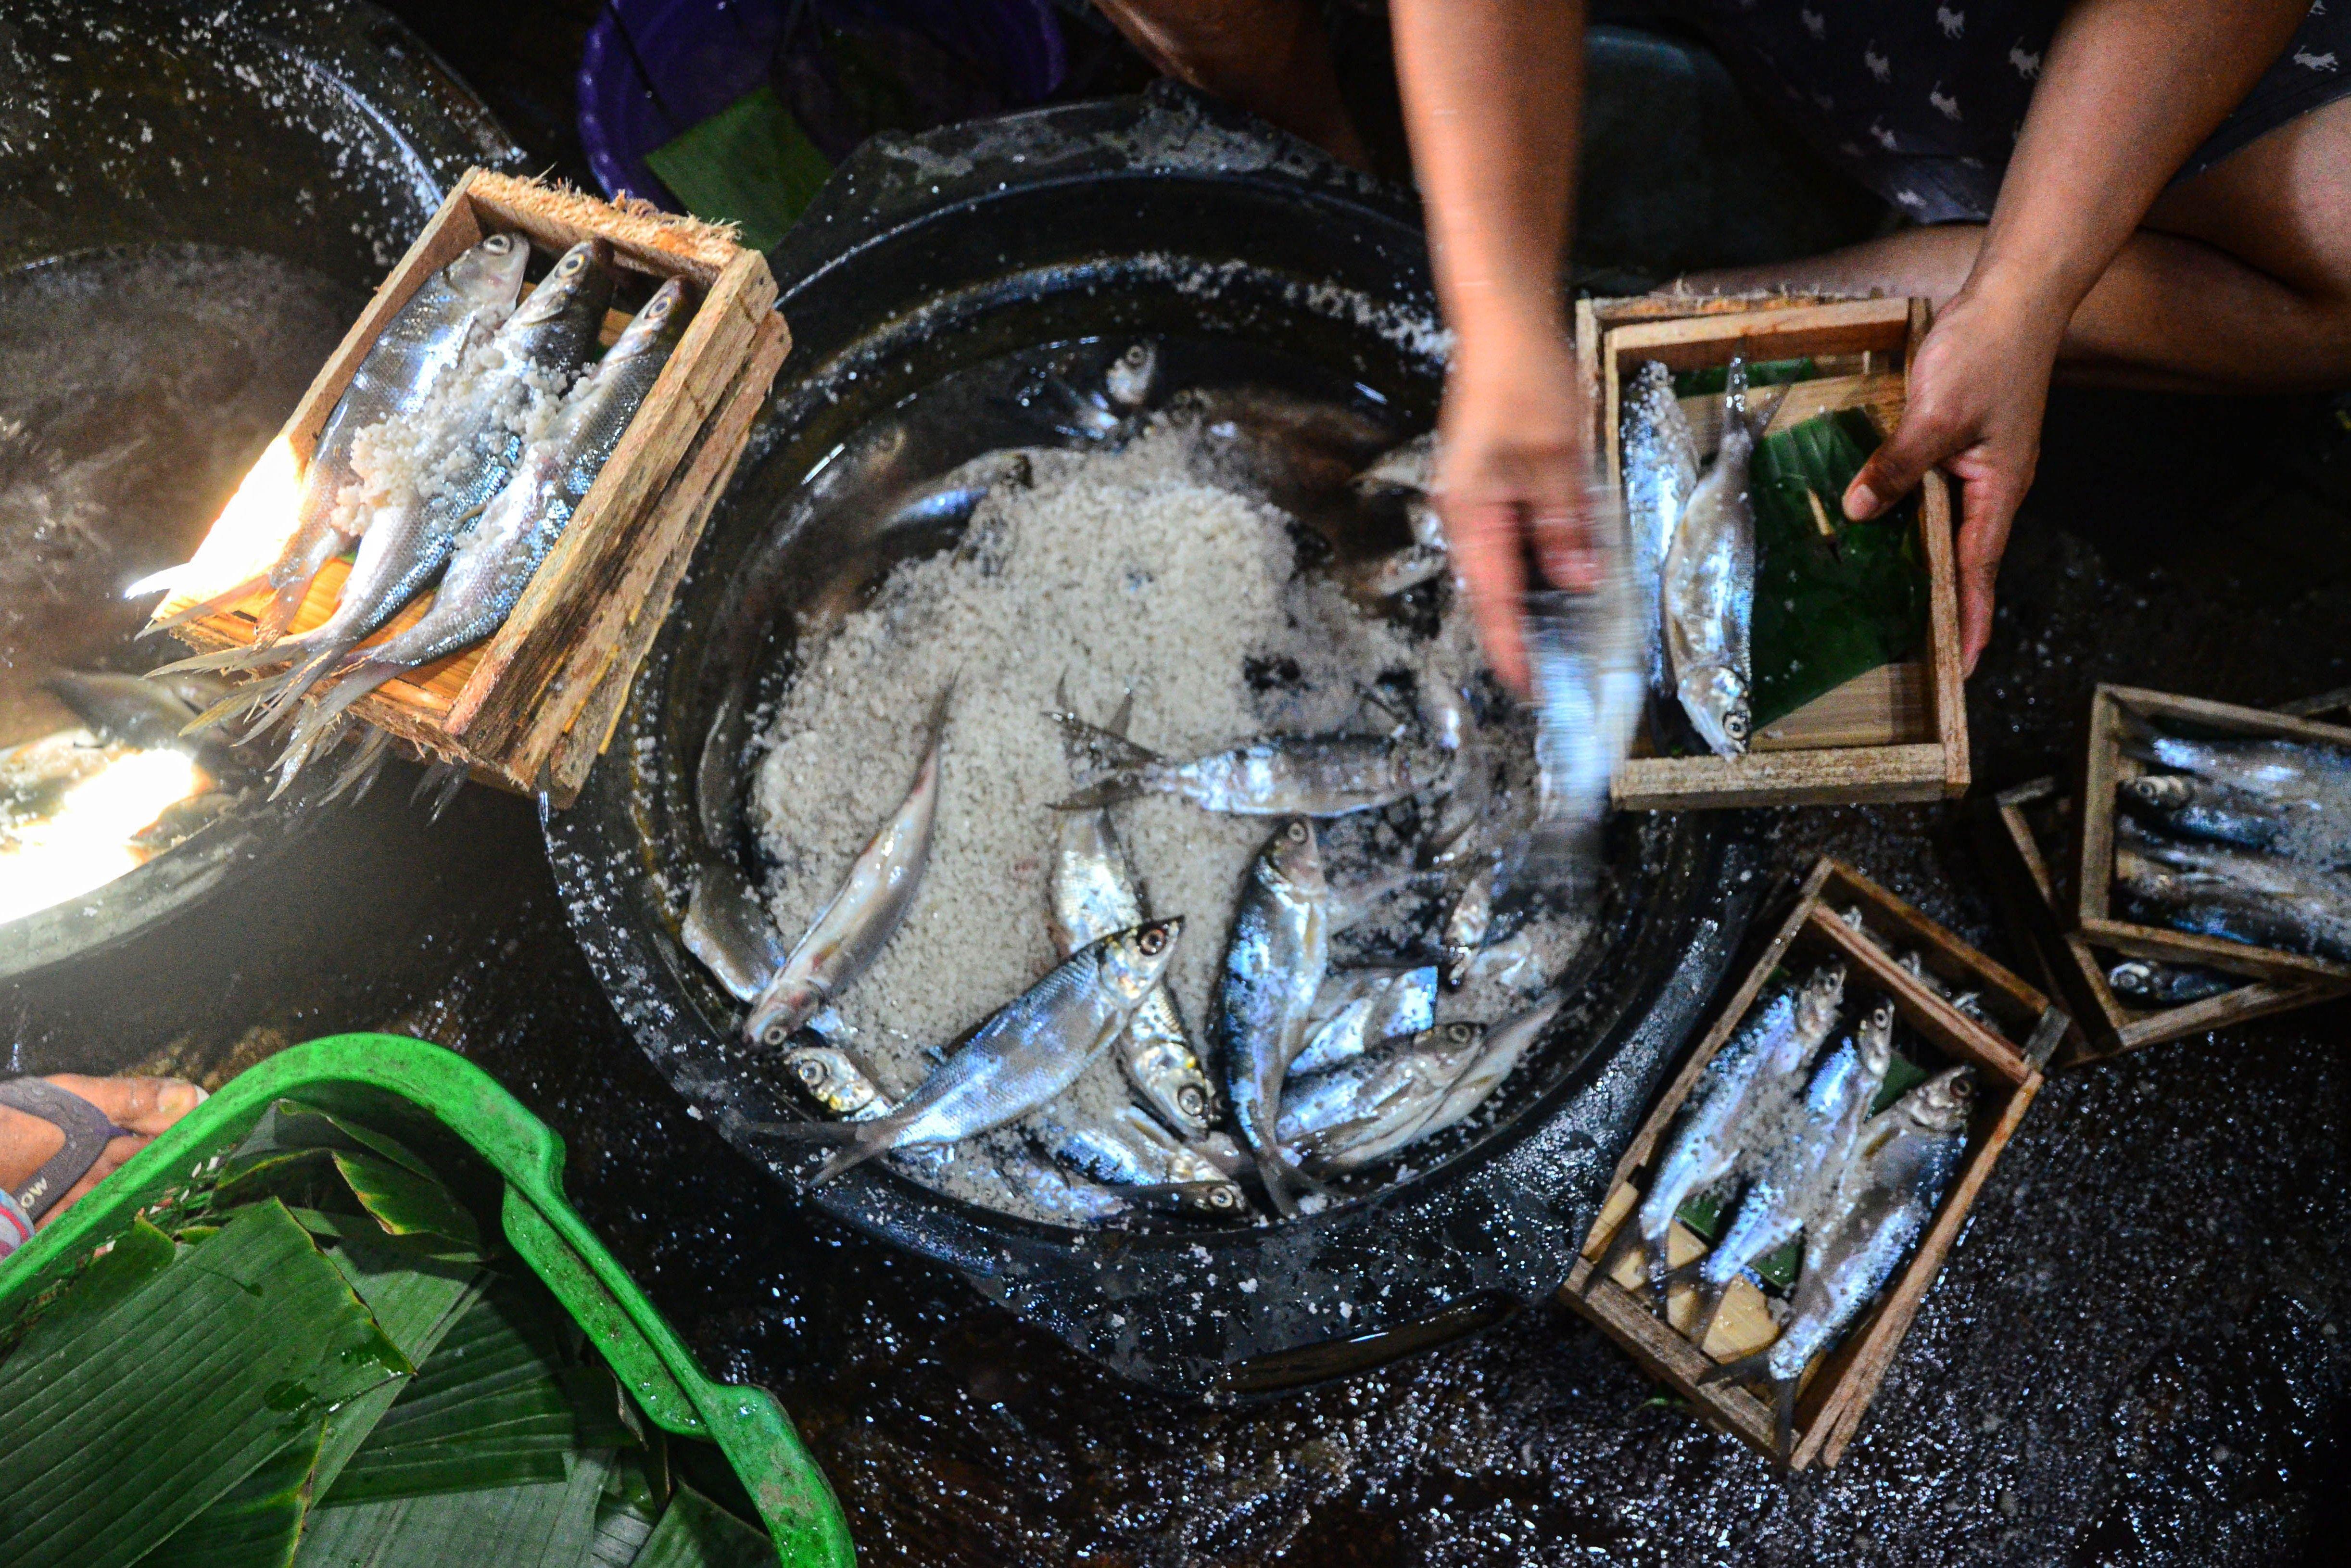 Pekerja menaburi bumbu garam pada ikan bandeng di Desa Dukutalit, Juwana, Pati, Jawa Tengah.\r\n